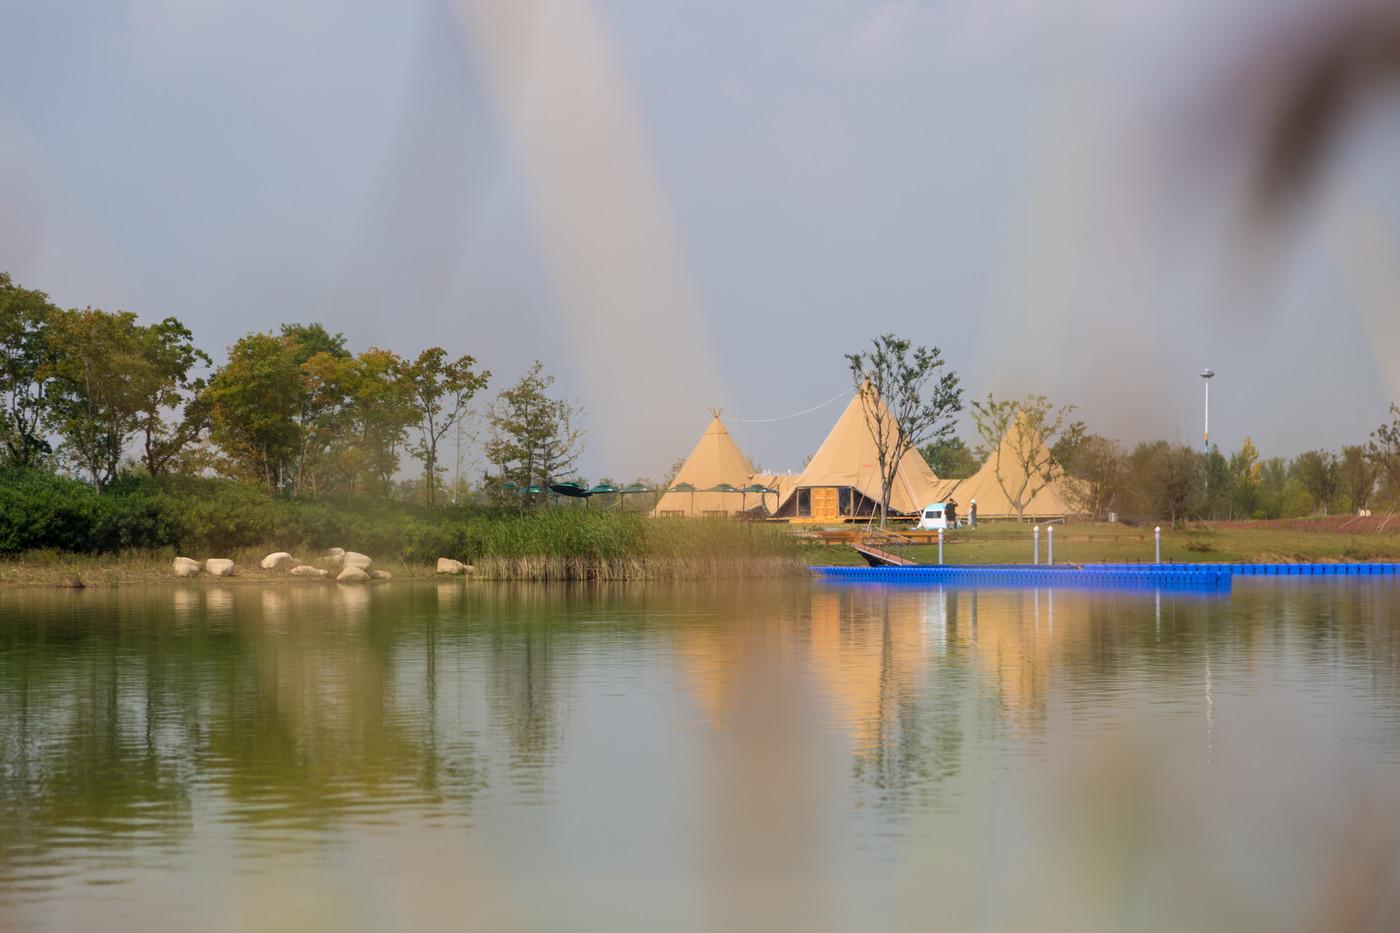 喜马拉雅印第安多功能大厅帐篷酒店11